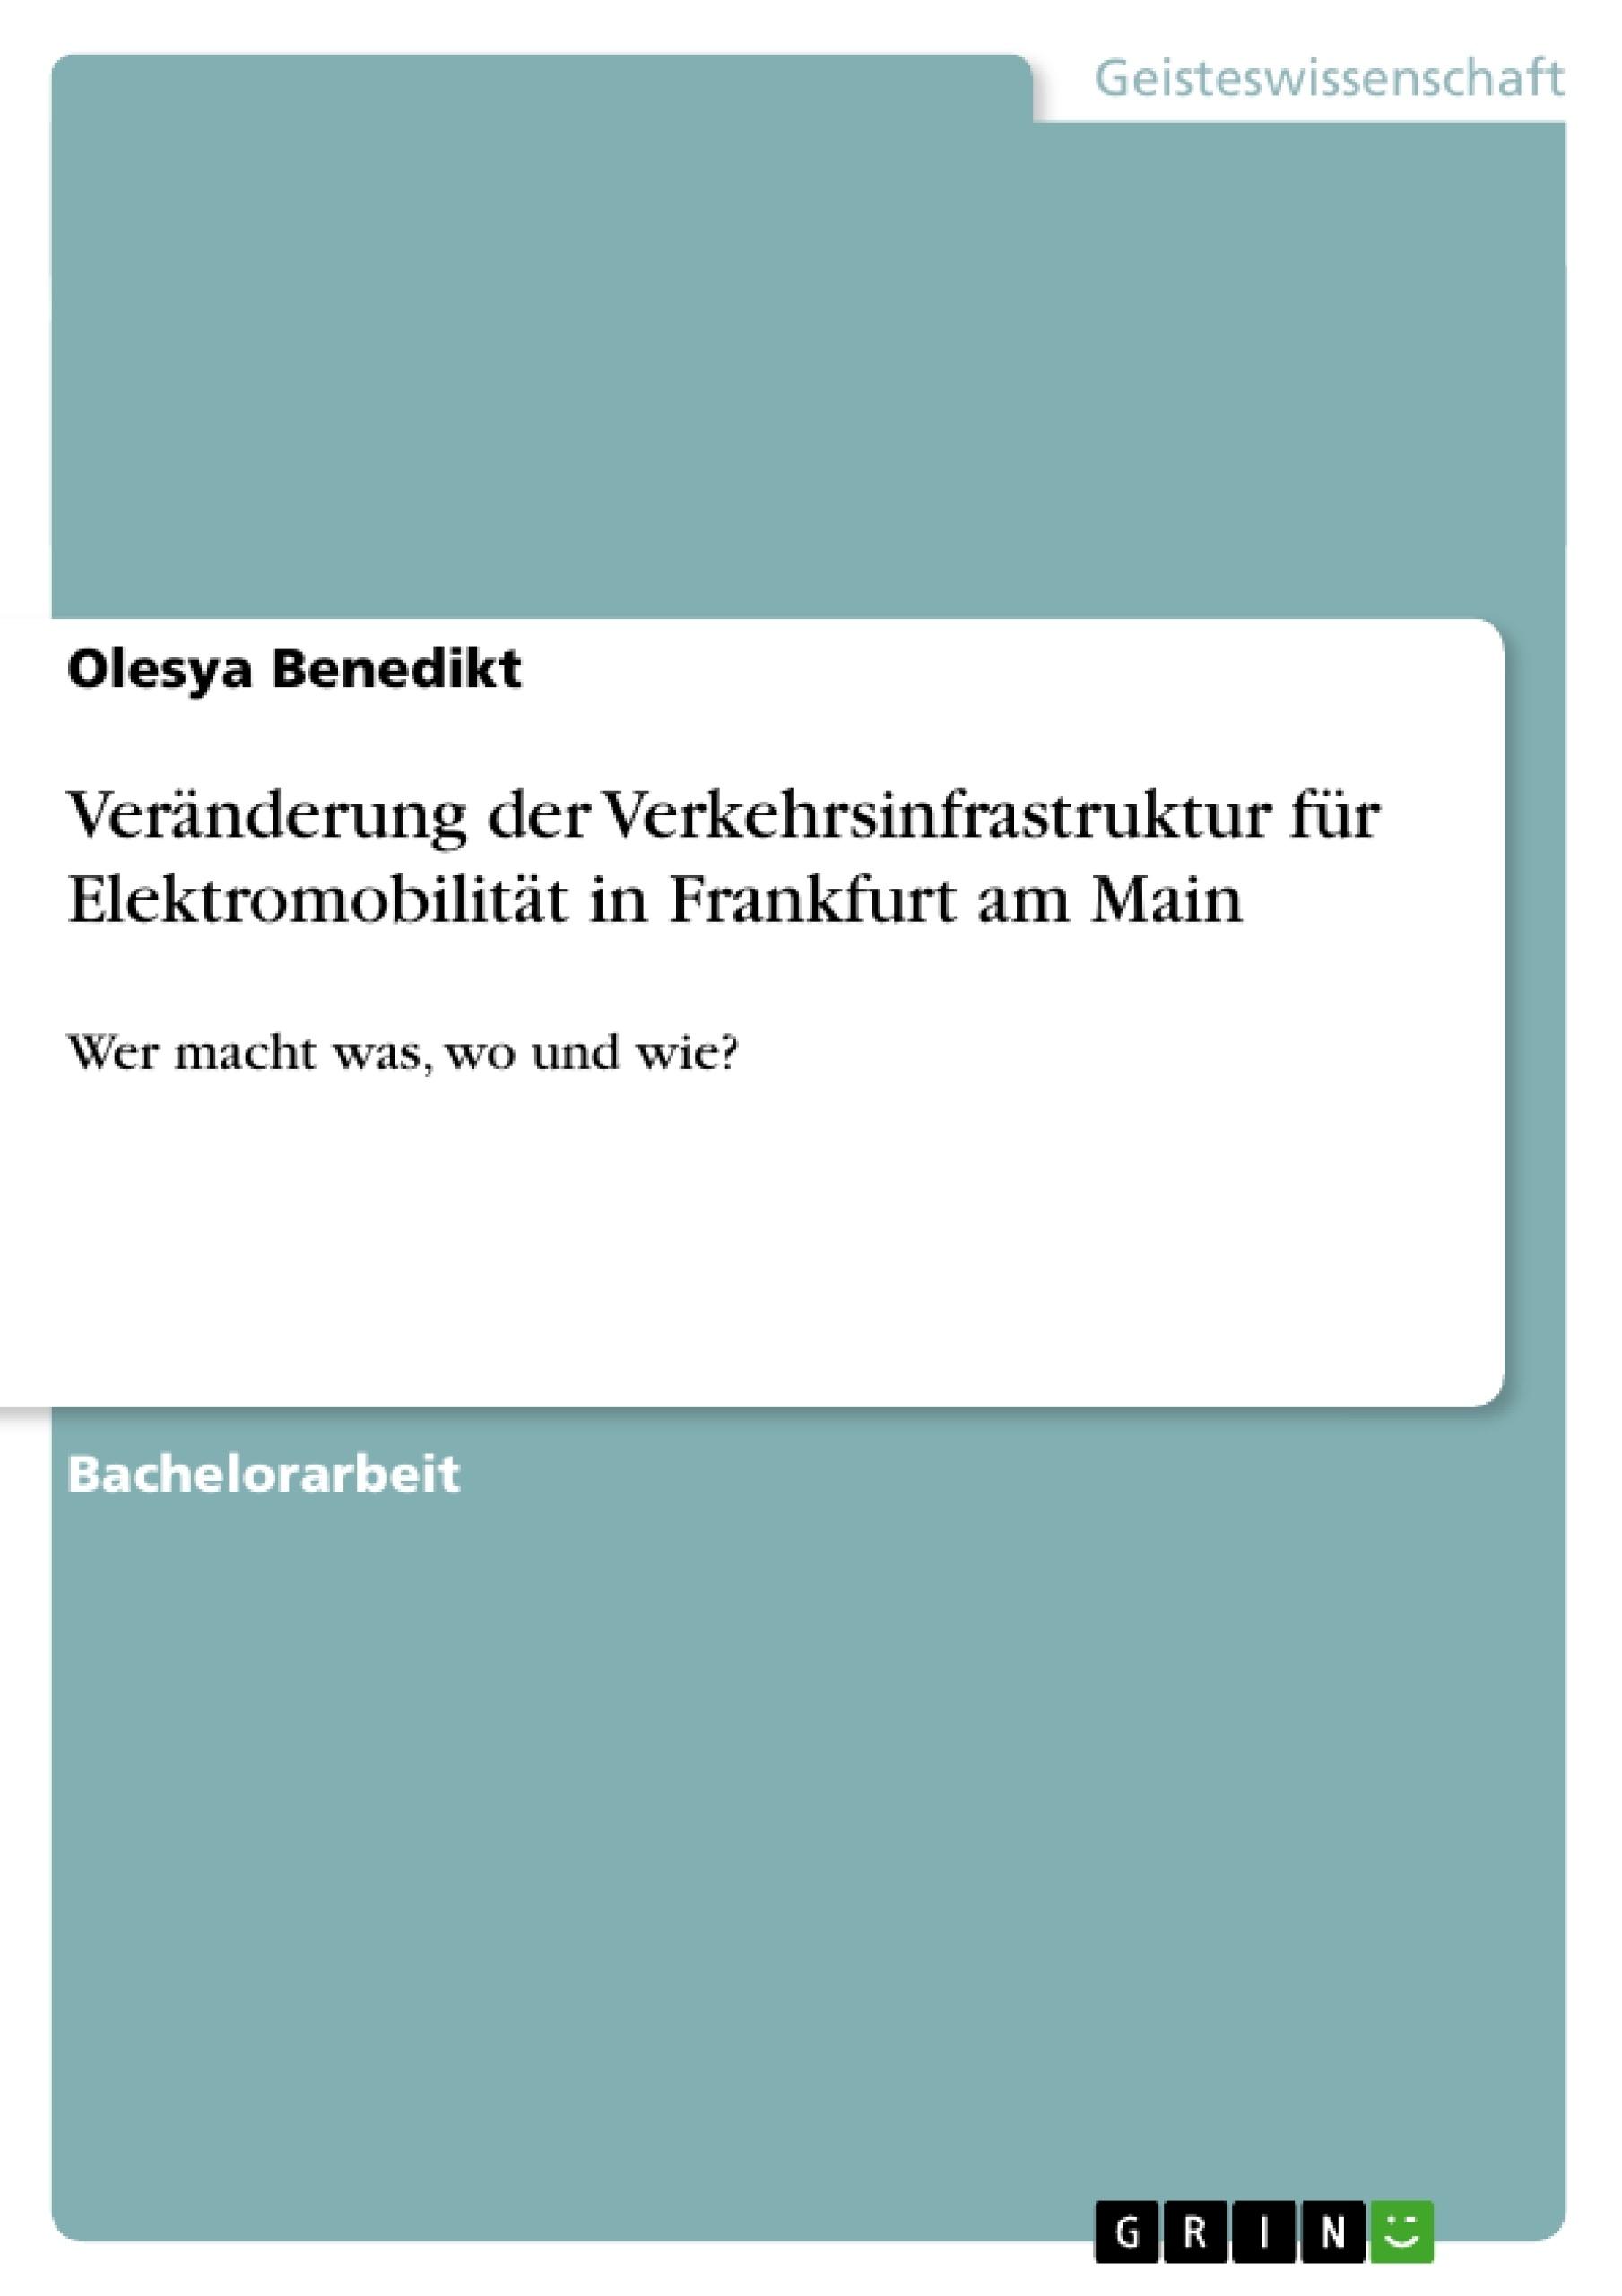 Titel: Veränderung der Verkehrsinfrastruktur für Elektromobilität in Frankfurt am Main